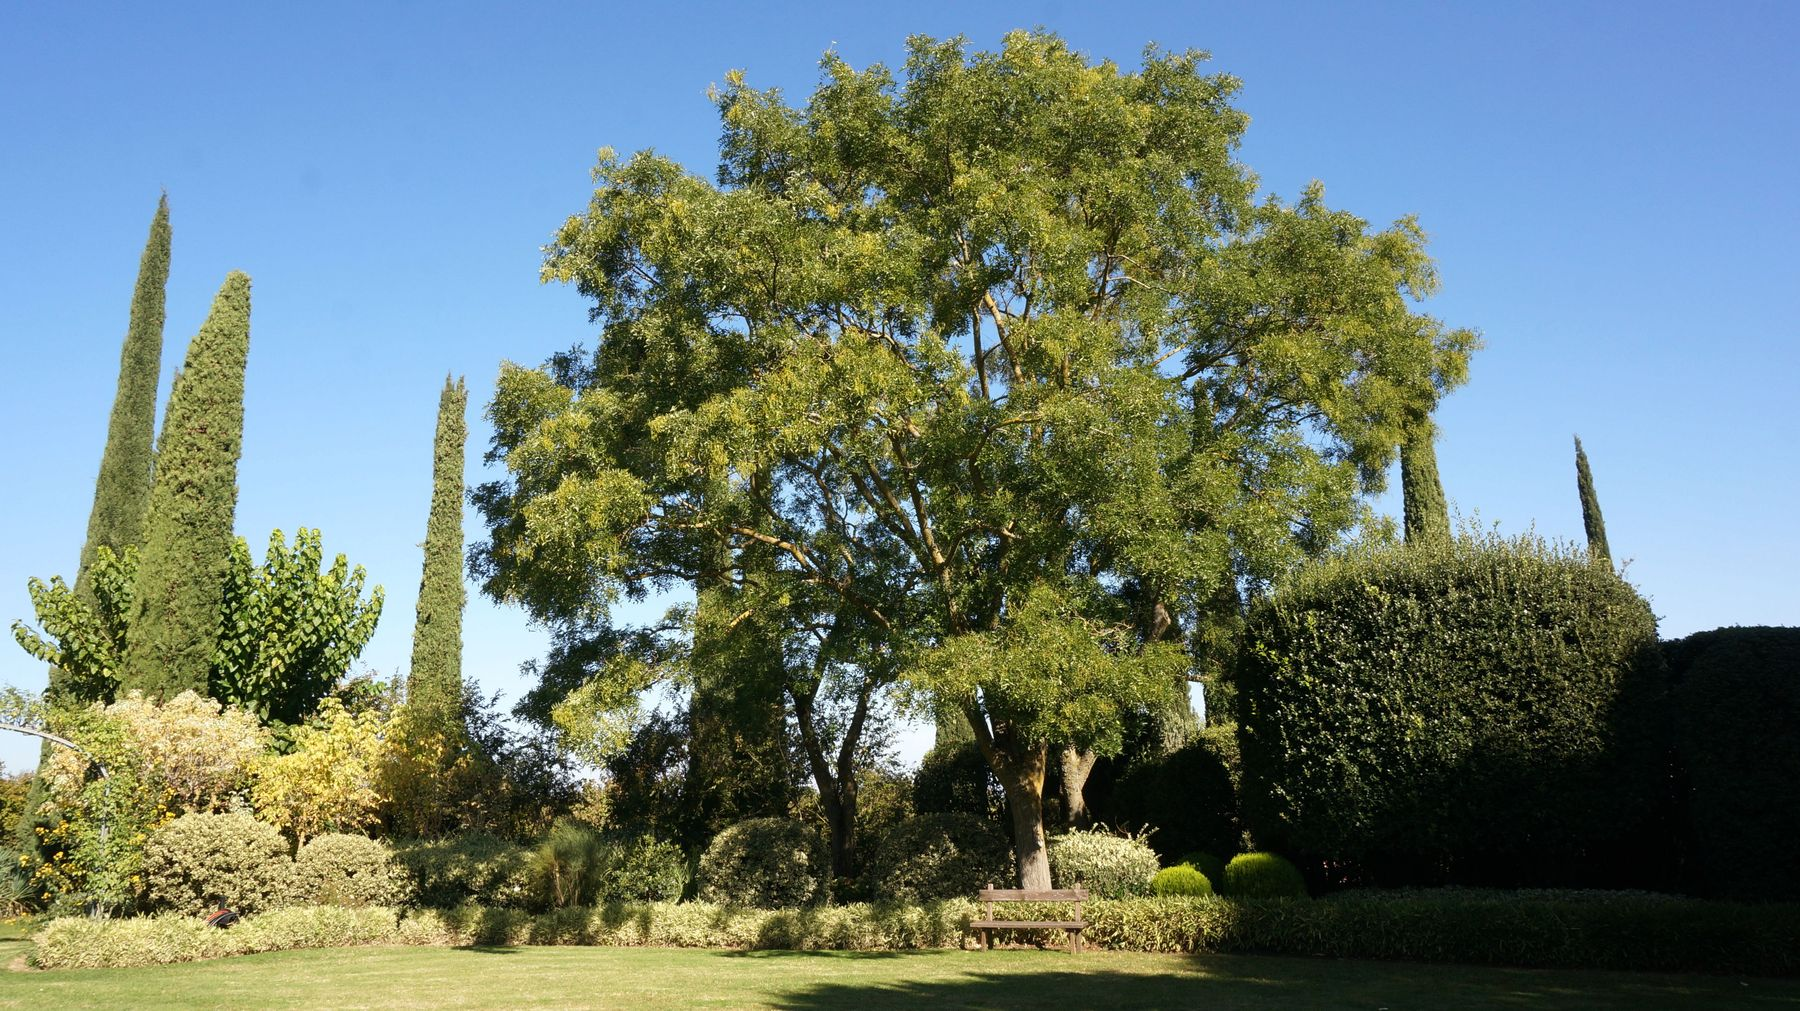 La Torricella Blossom zine viaggio Promo Tuscia (6)